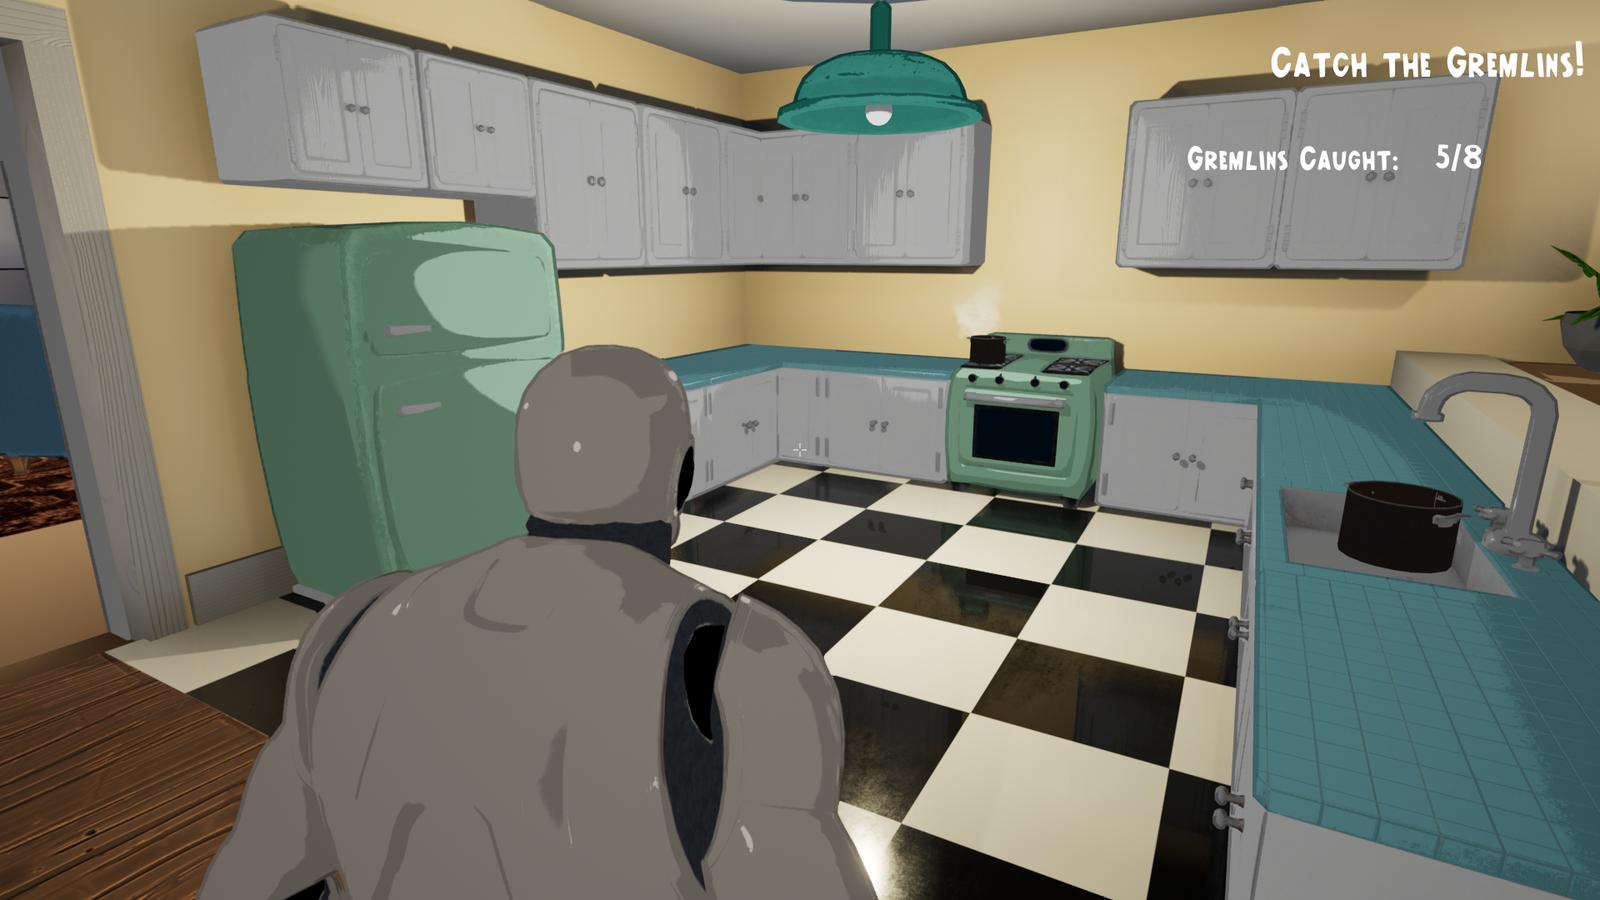 Mischief Manor - Screenshot 02